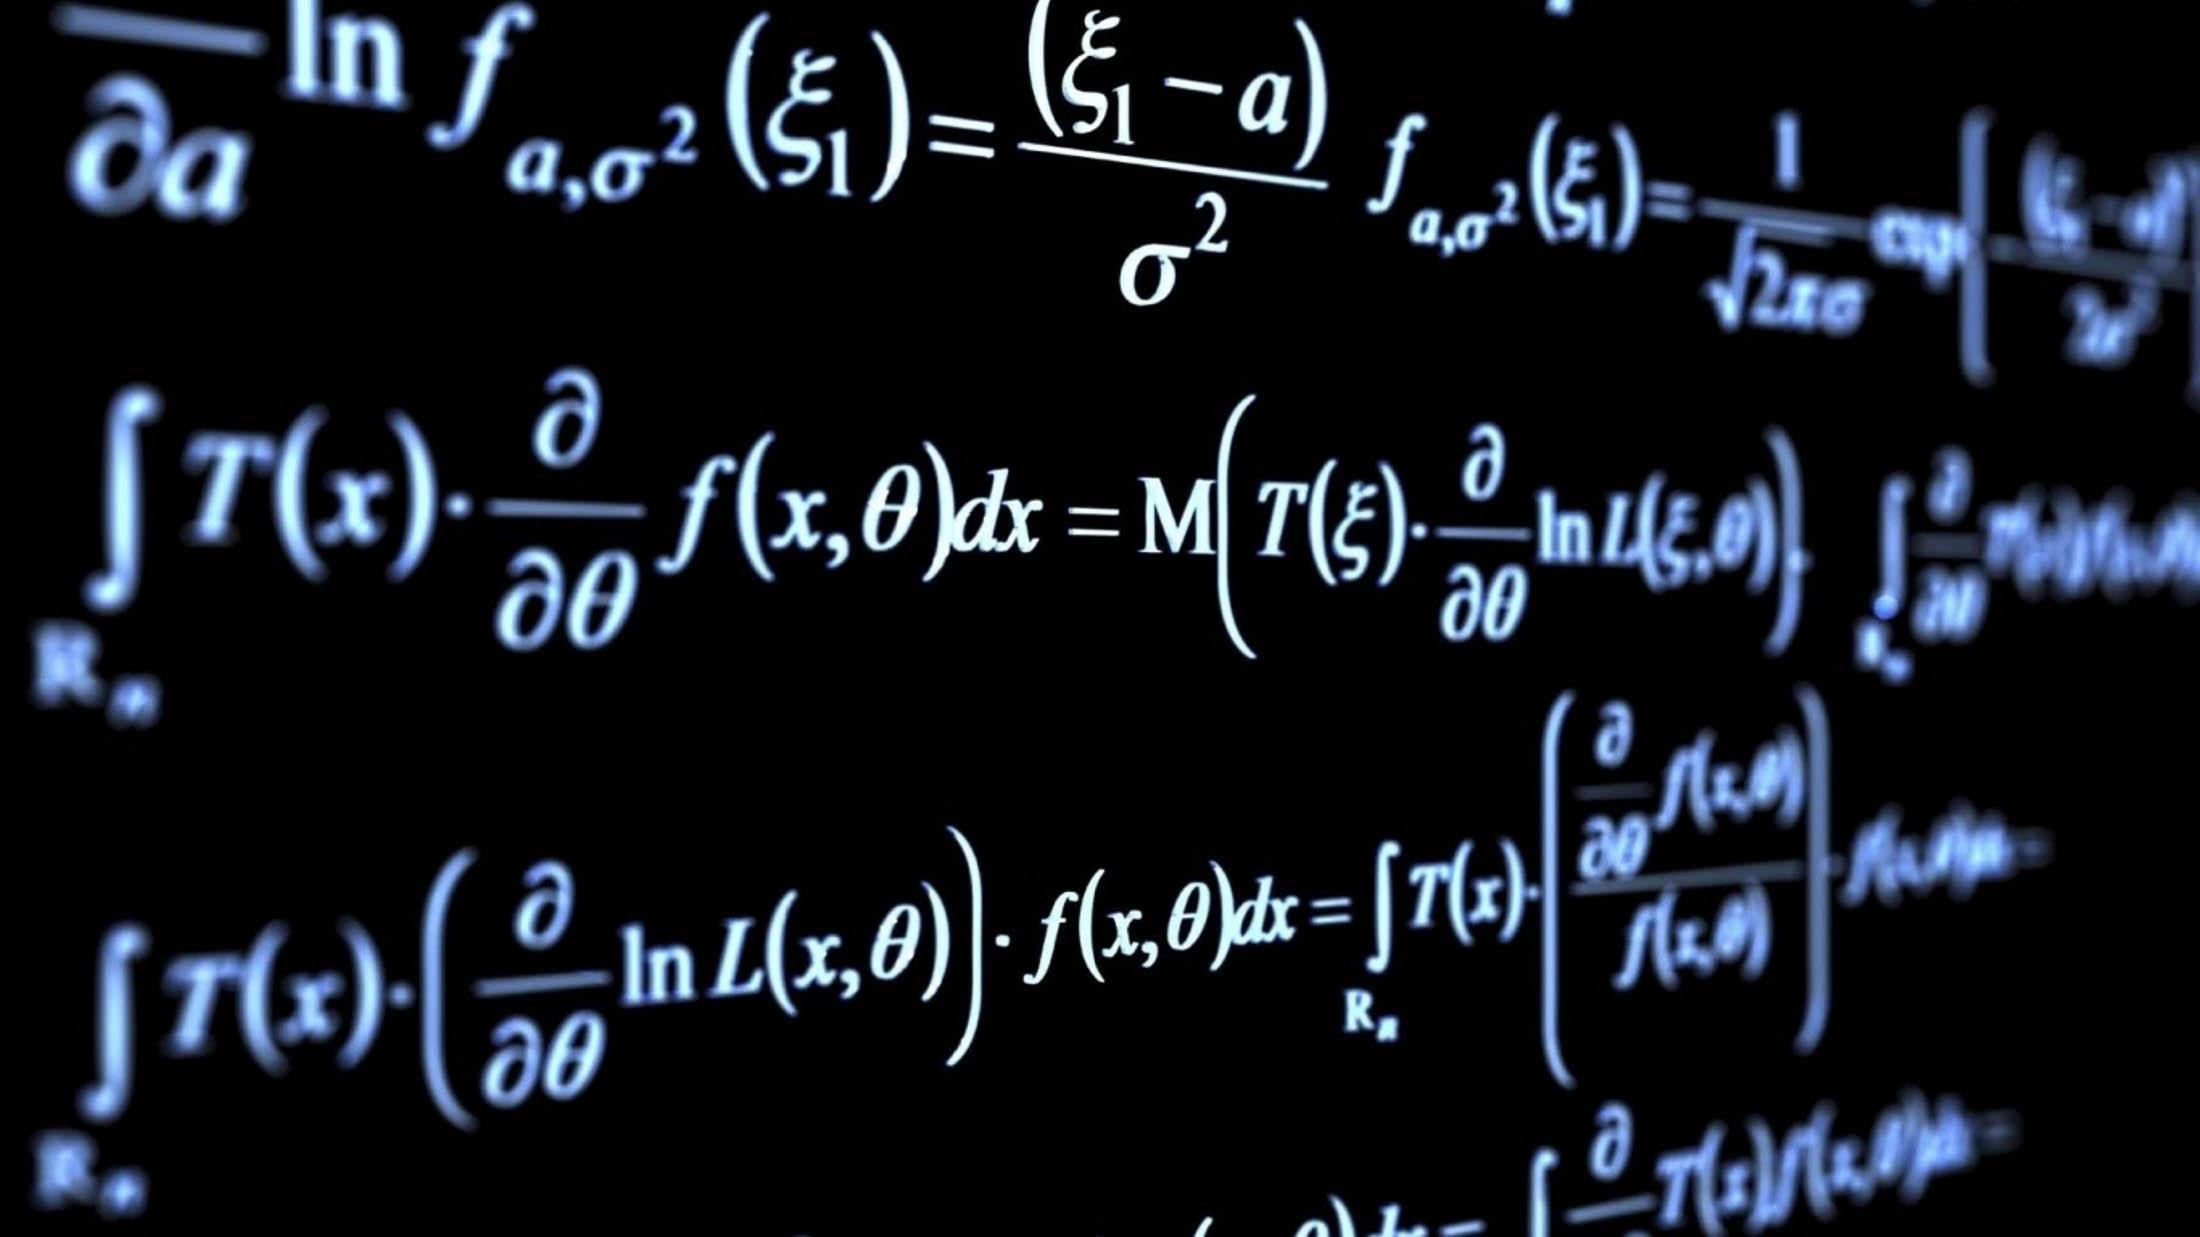 Ученики всех европейских школ приглашаются в Салоники на конференцию по математика EUROMATH 2016.